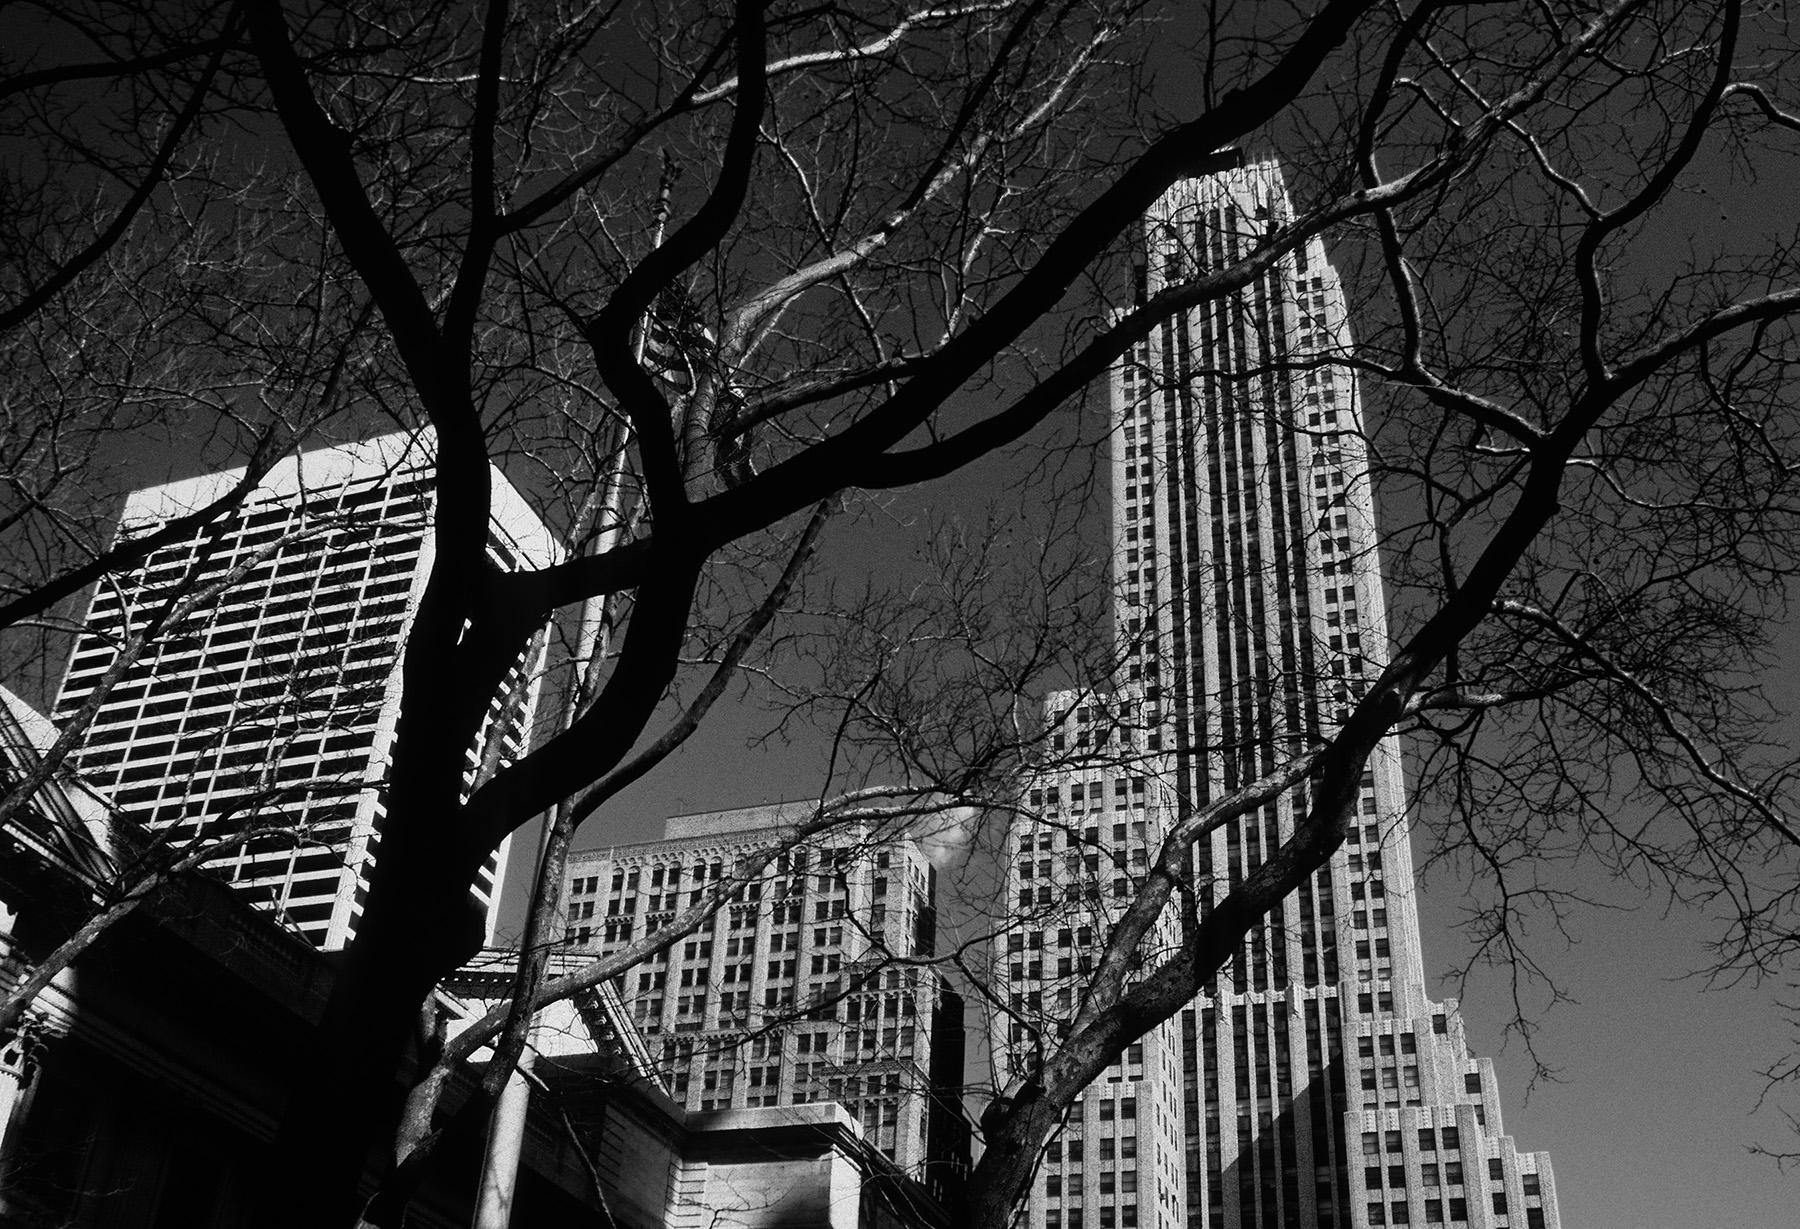 42_88-New York_1_0025_80x54_ArtShop